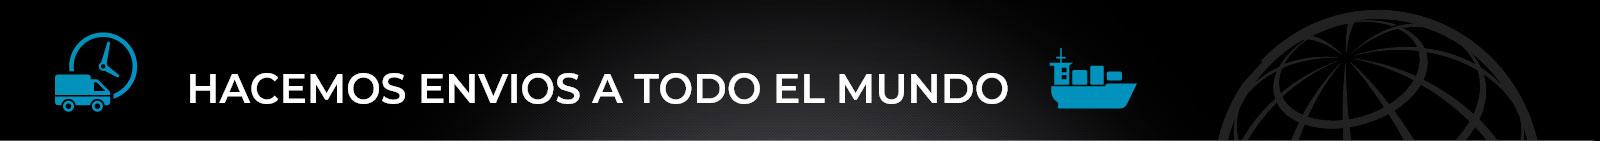 Metalmaq envía sus productos a todos los países del mundo